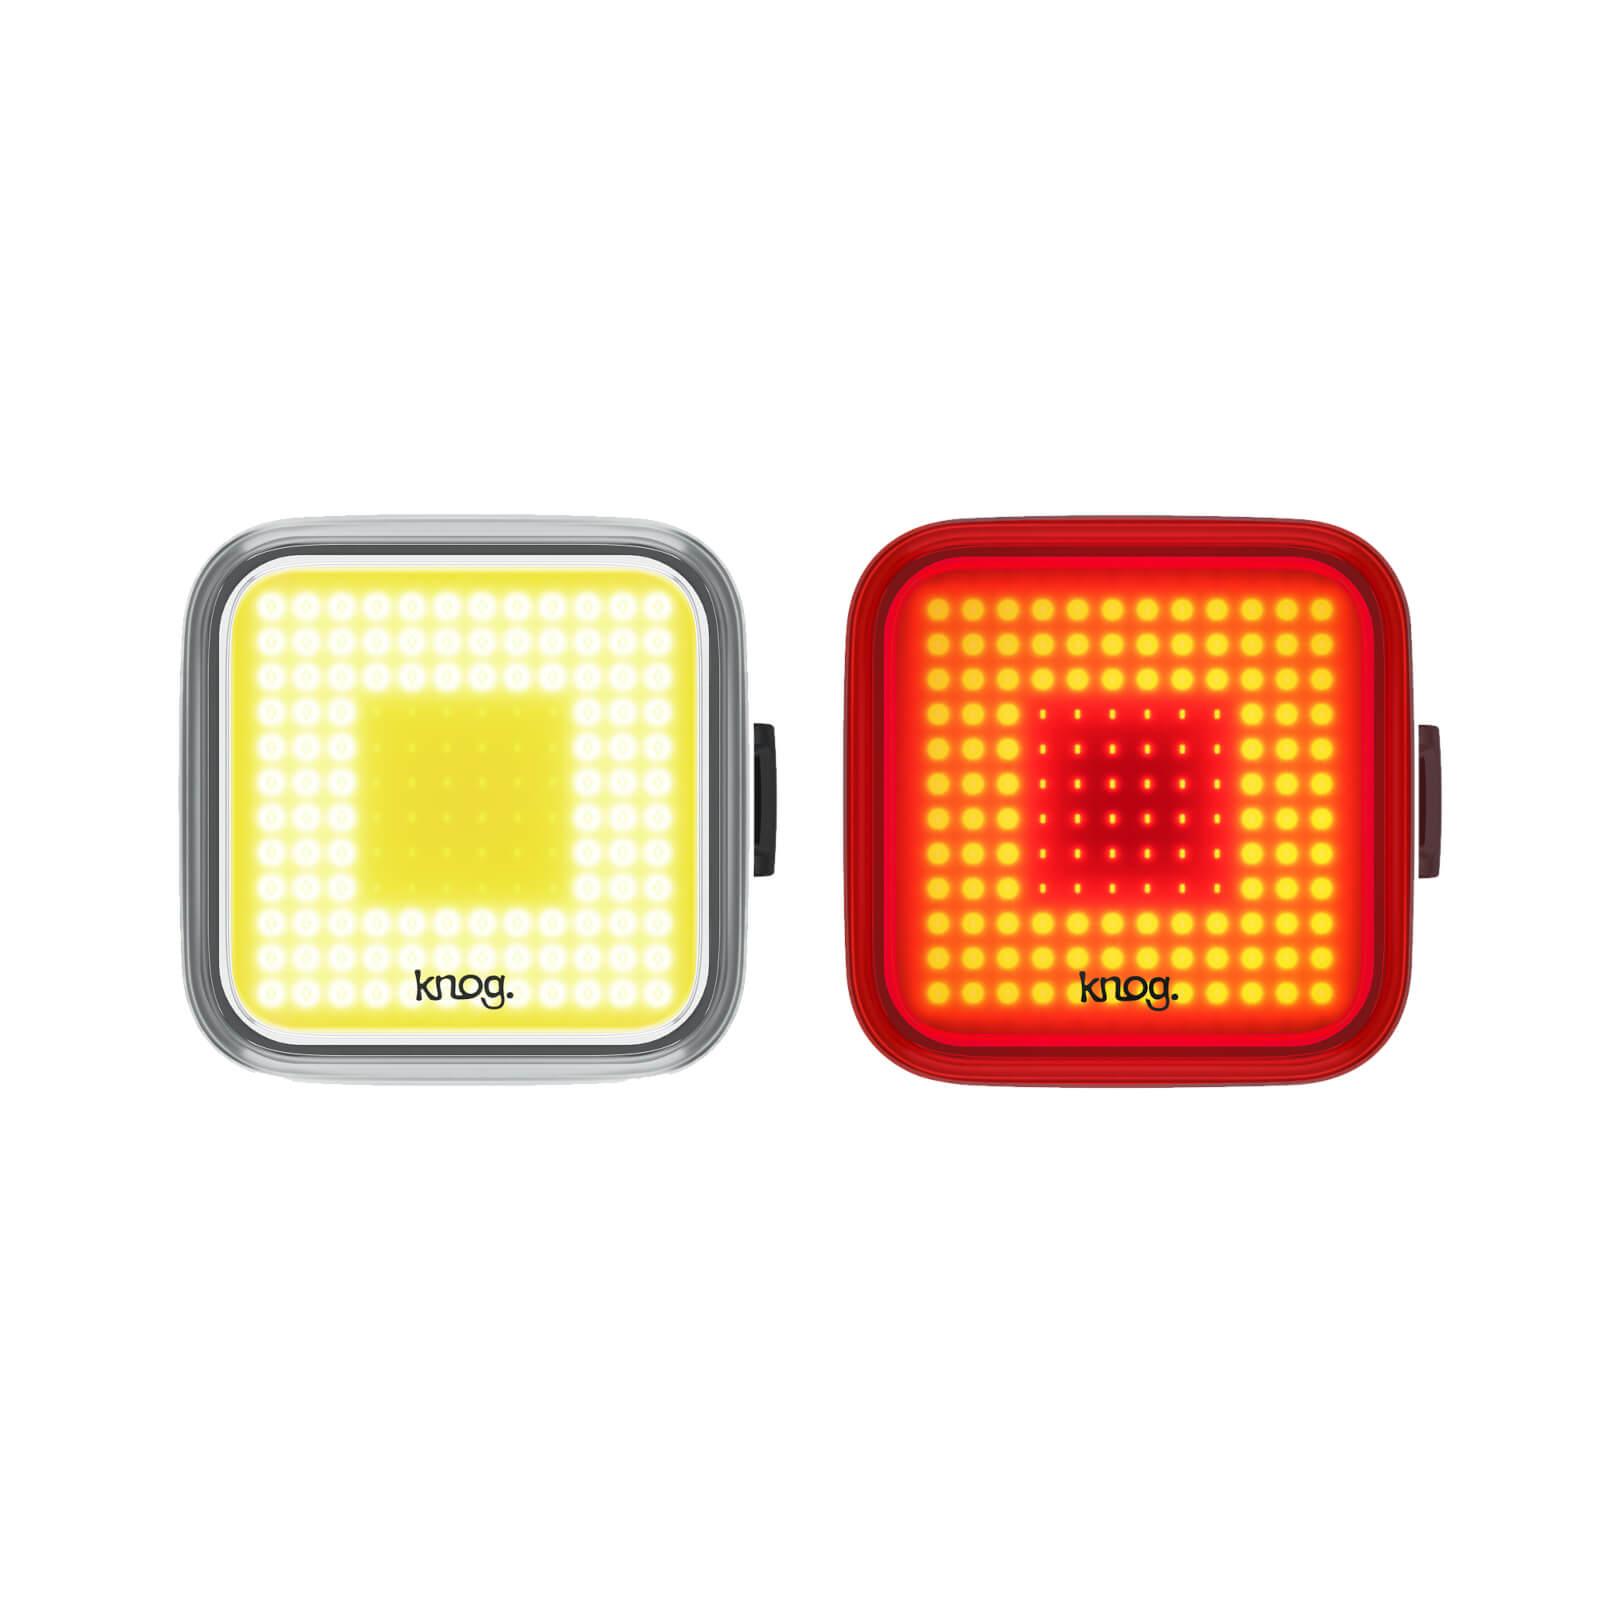 Knog Blinder Light Set - Square